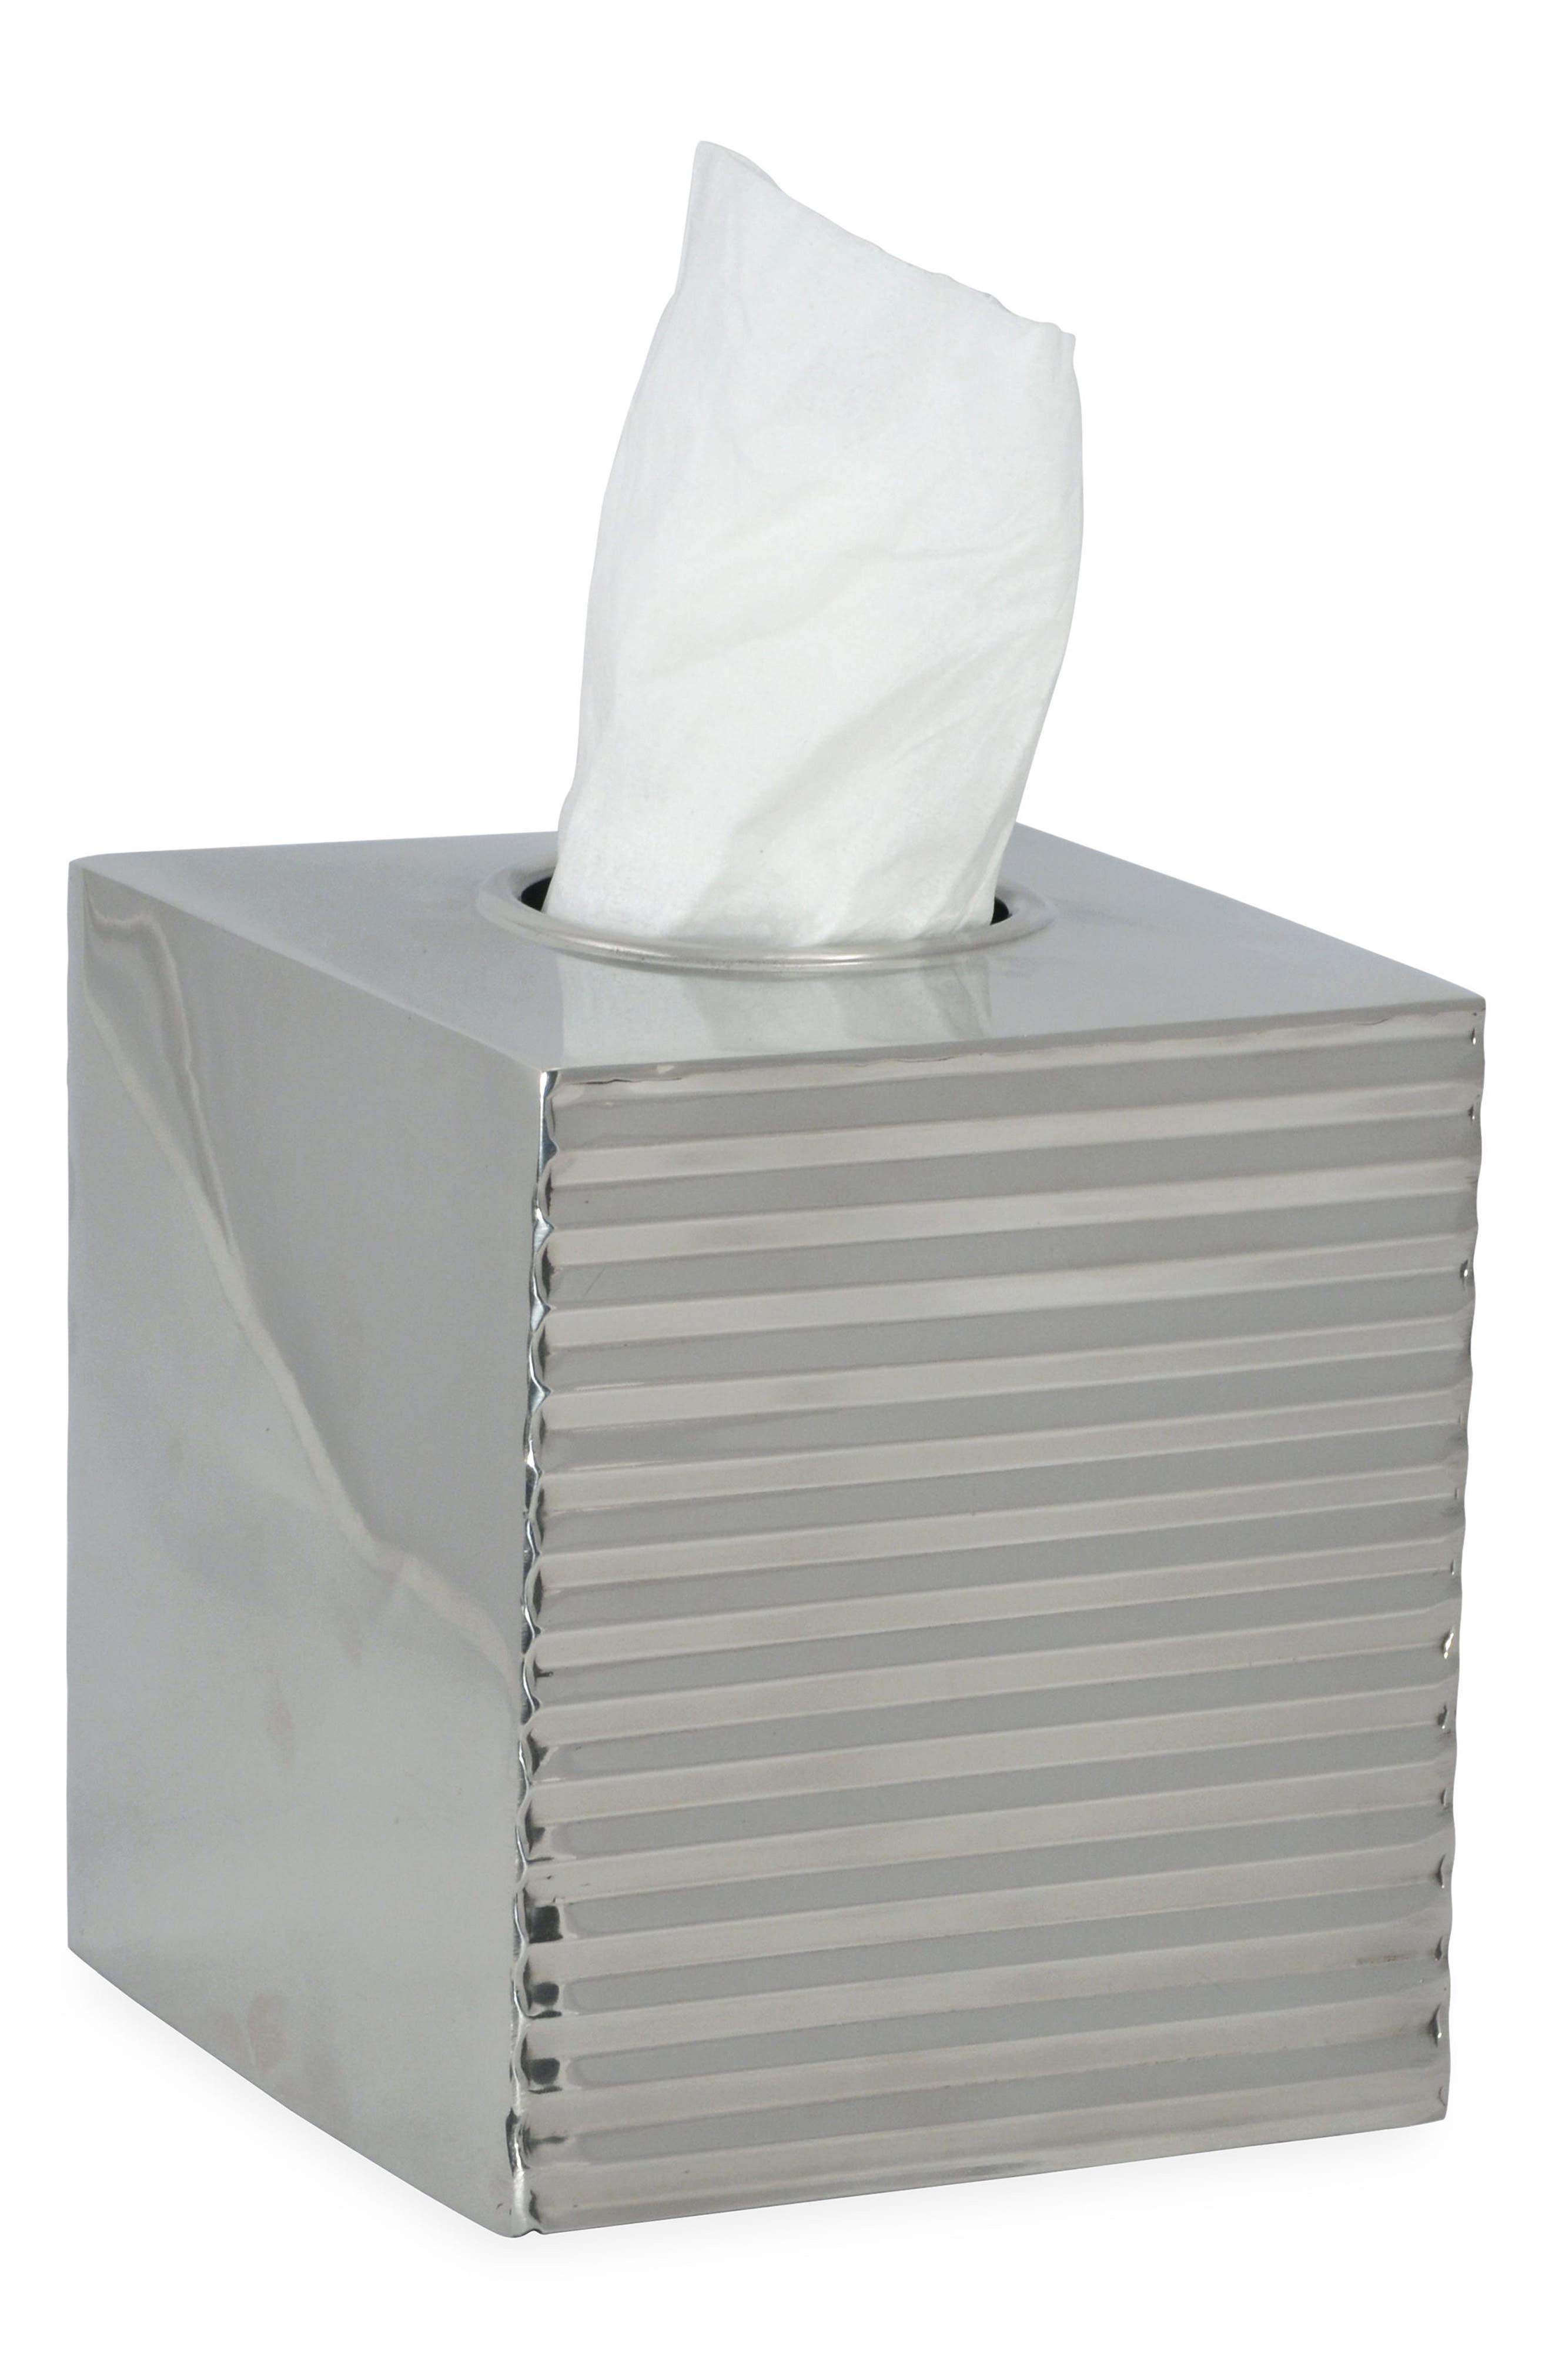 Corrugated Tissue Box Cover, Main, color, SILVER